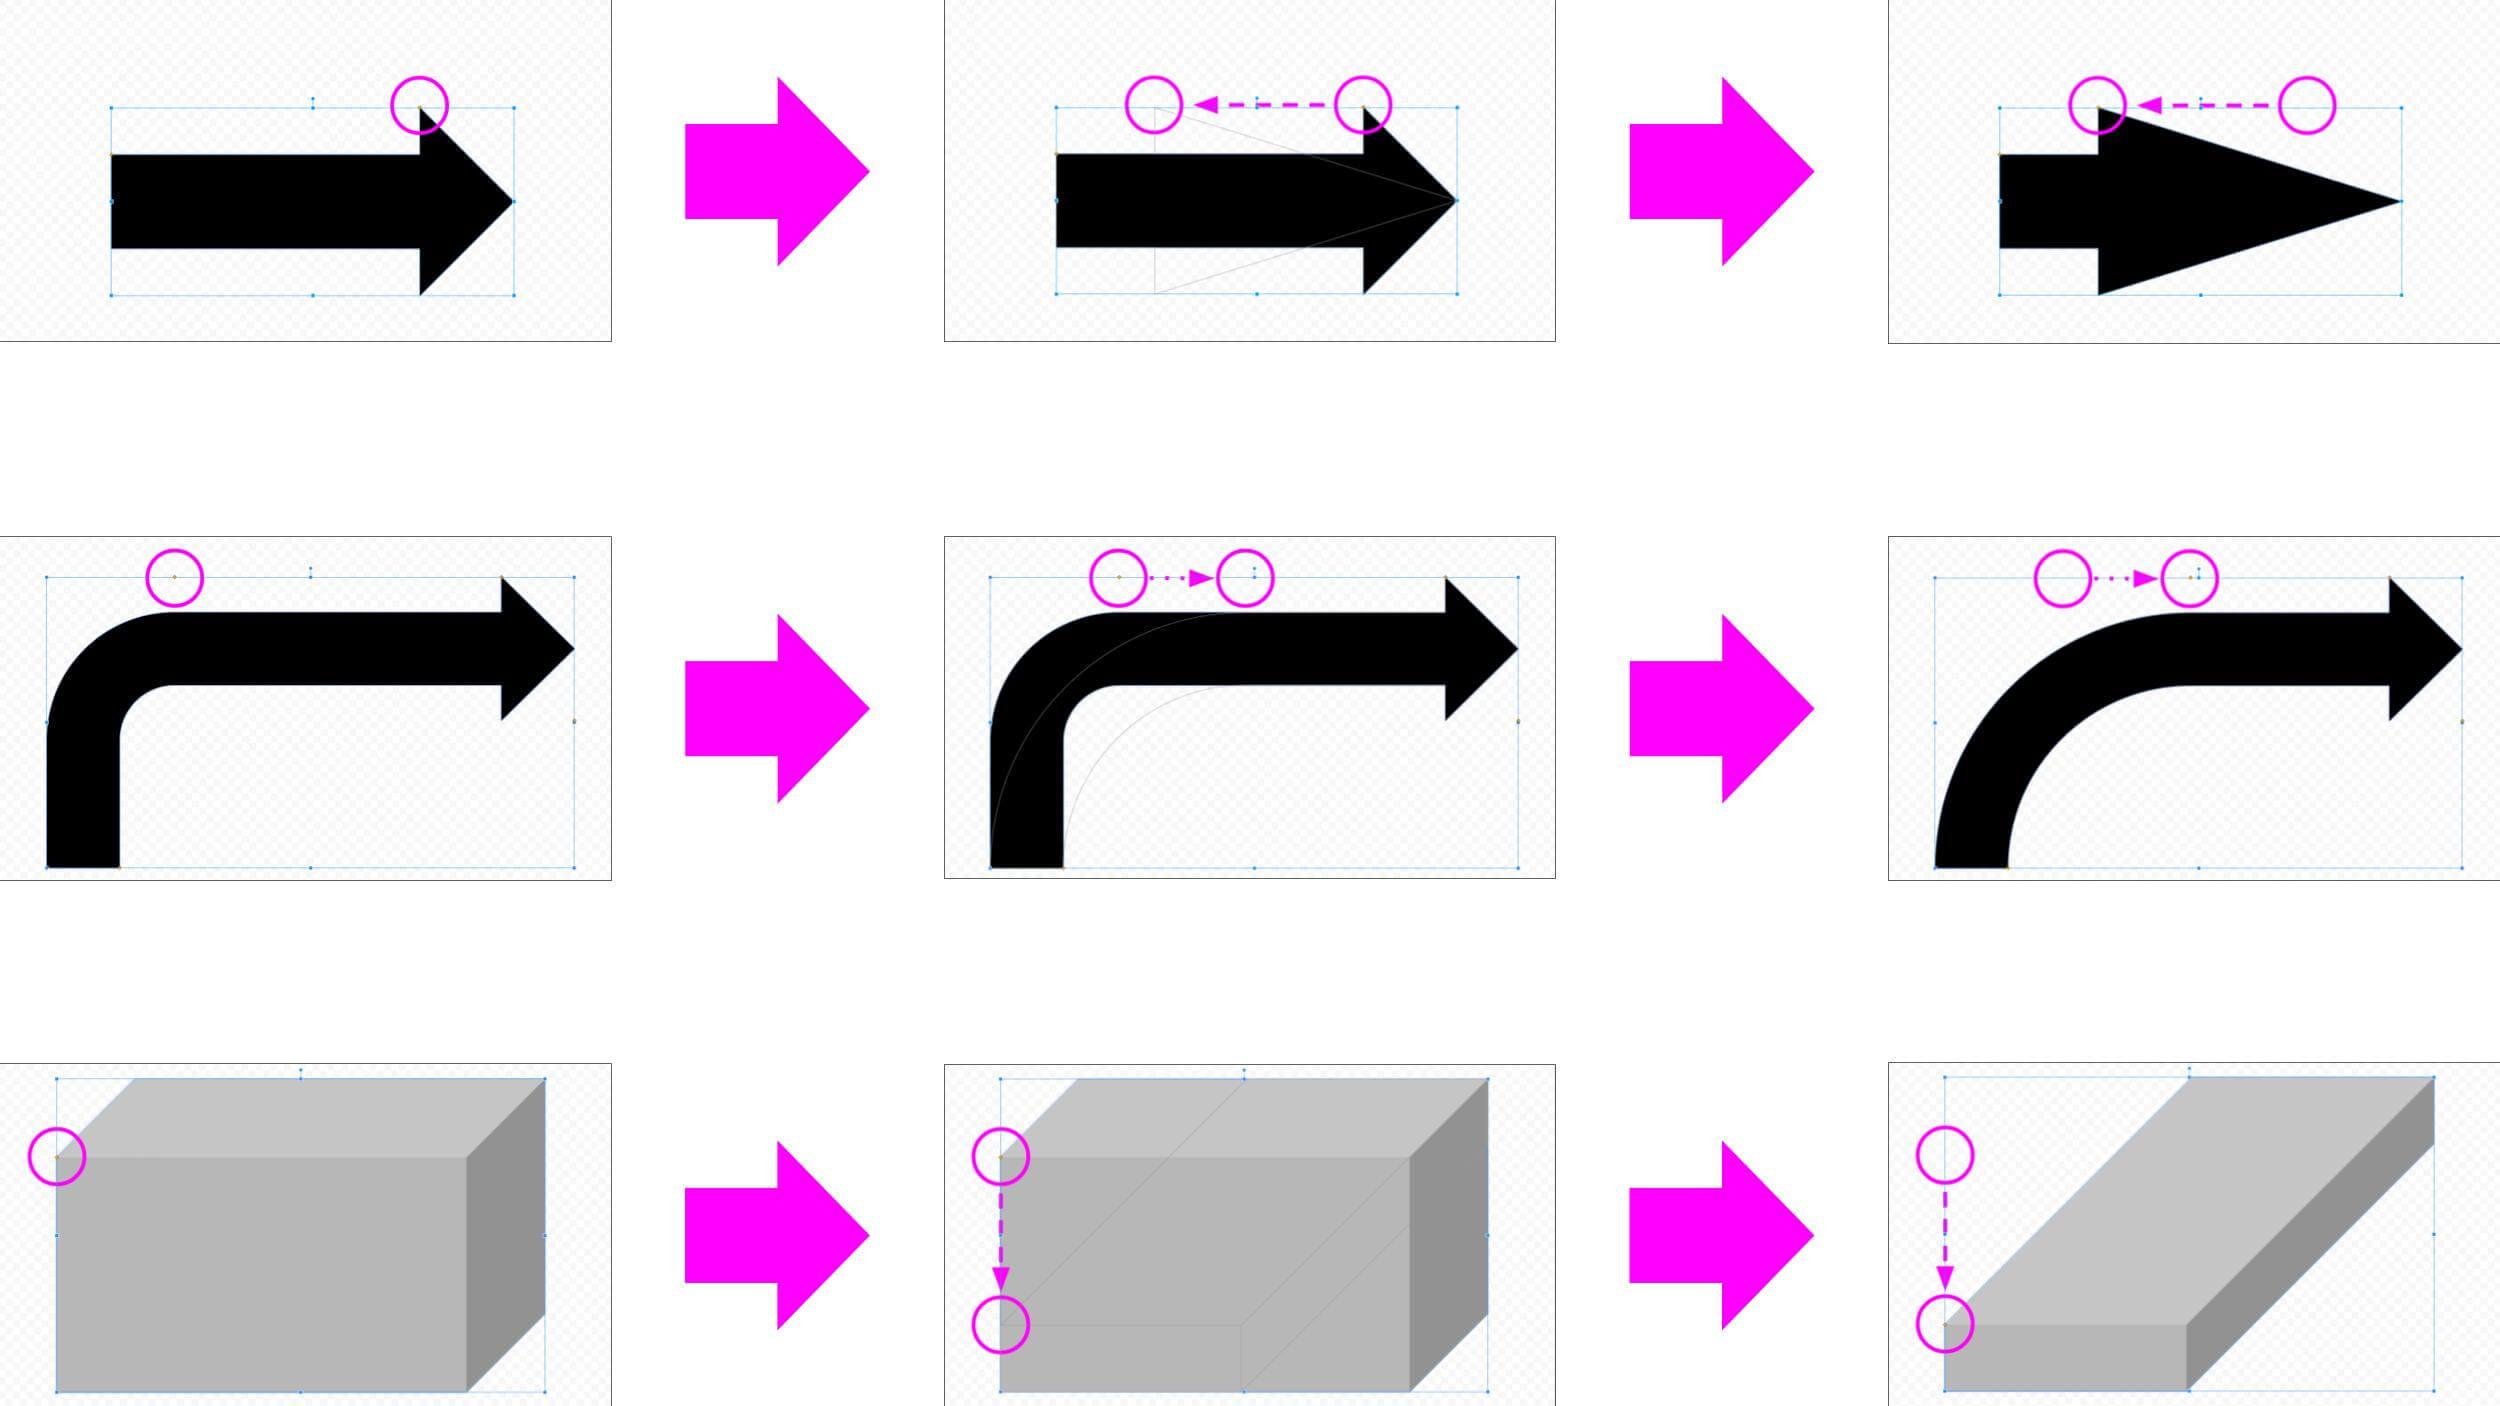 図形のカスタマイズ例